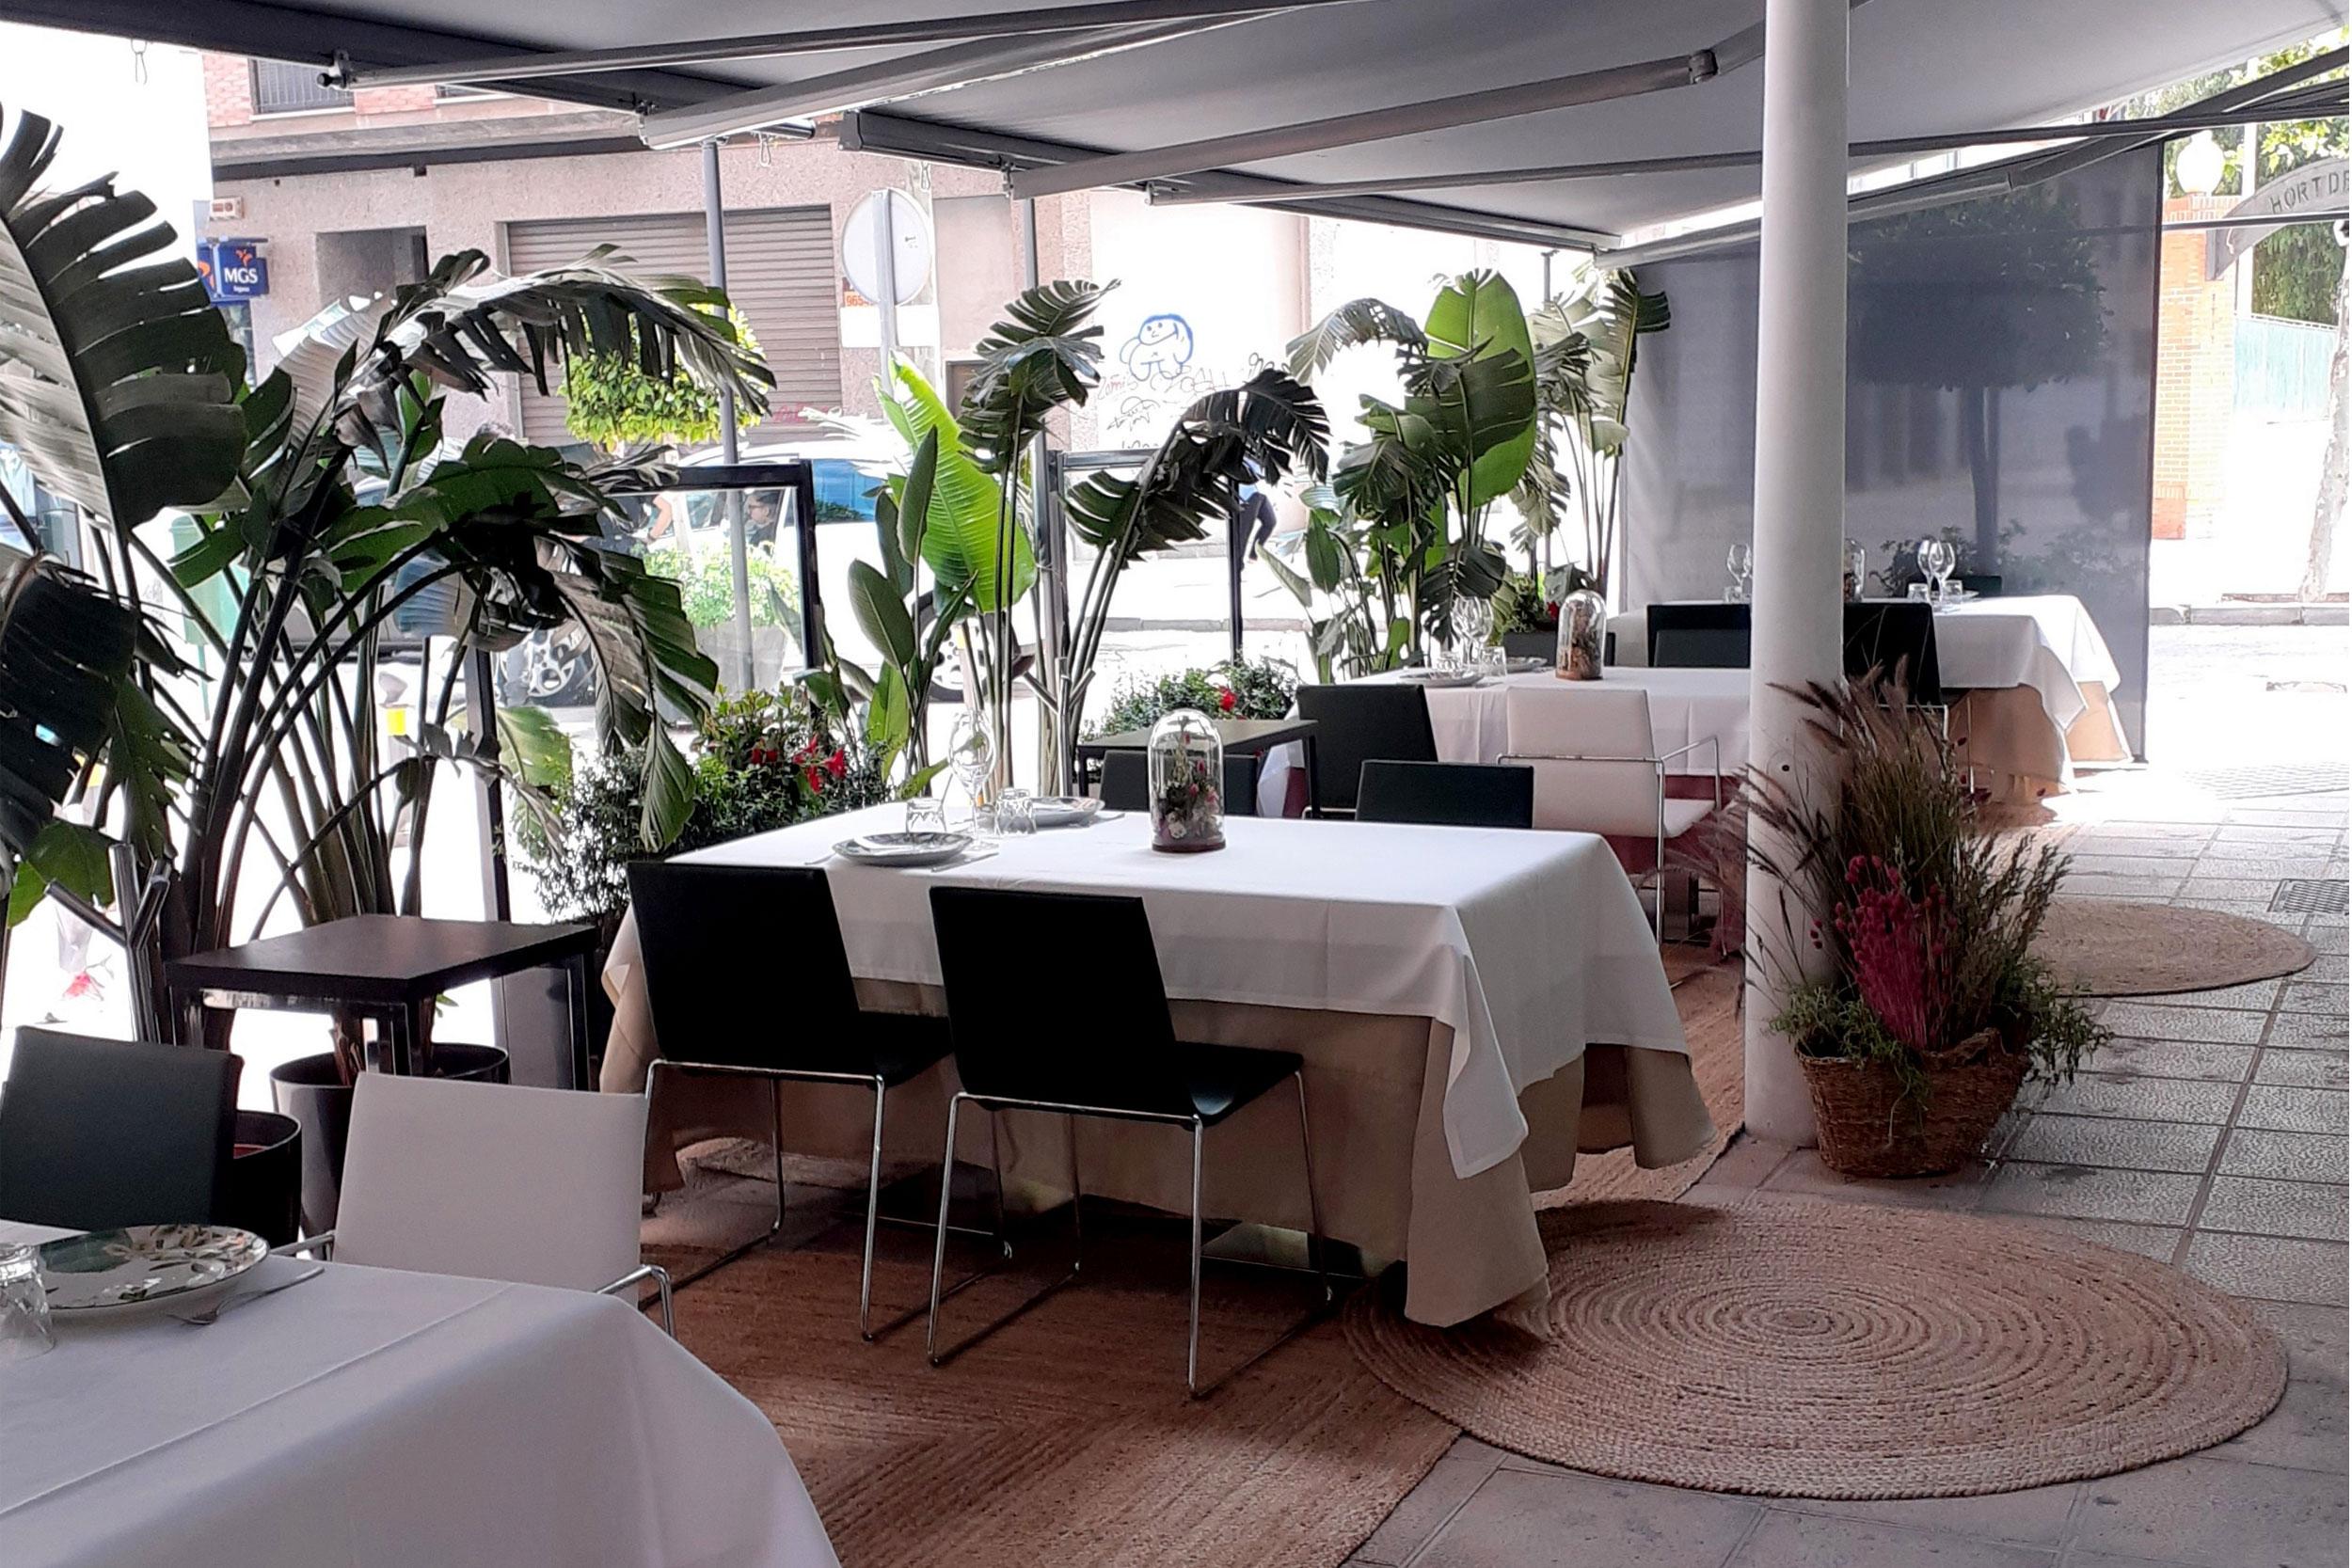 Restaurante Frisone en Elche, Alicante